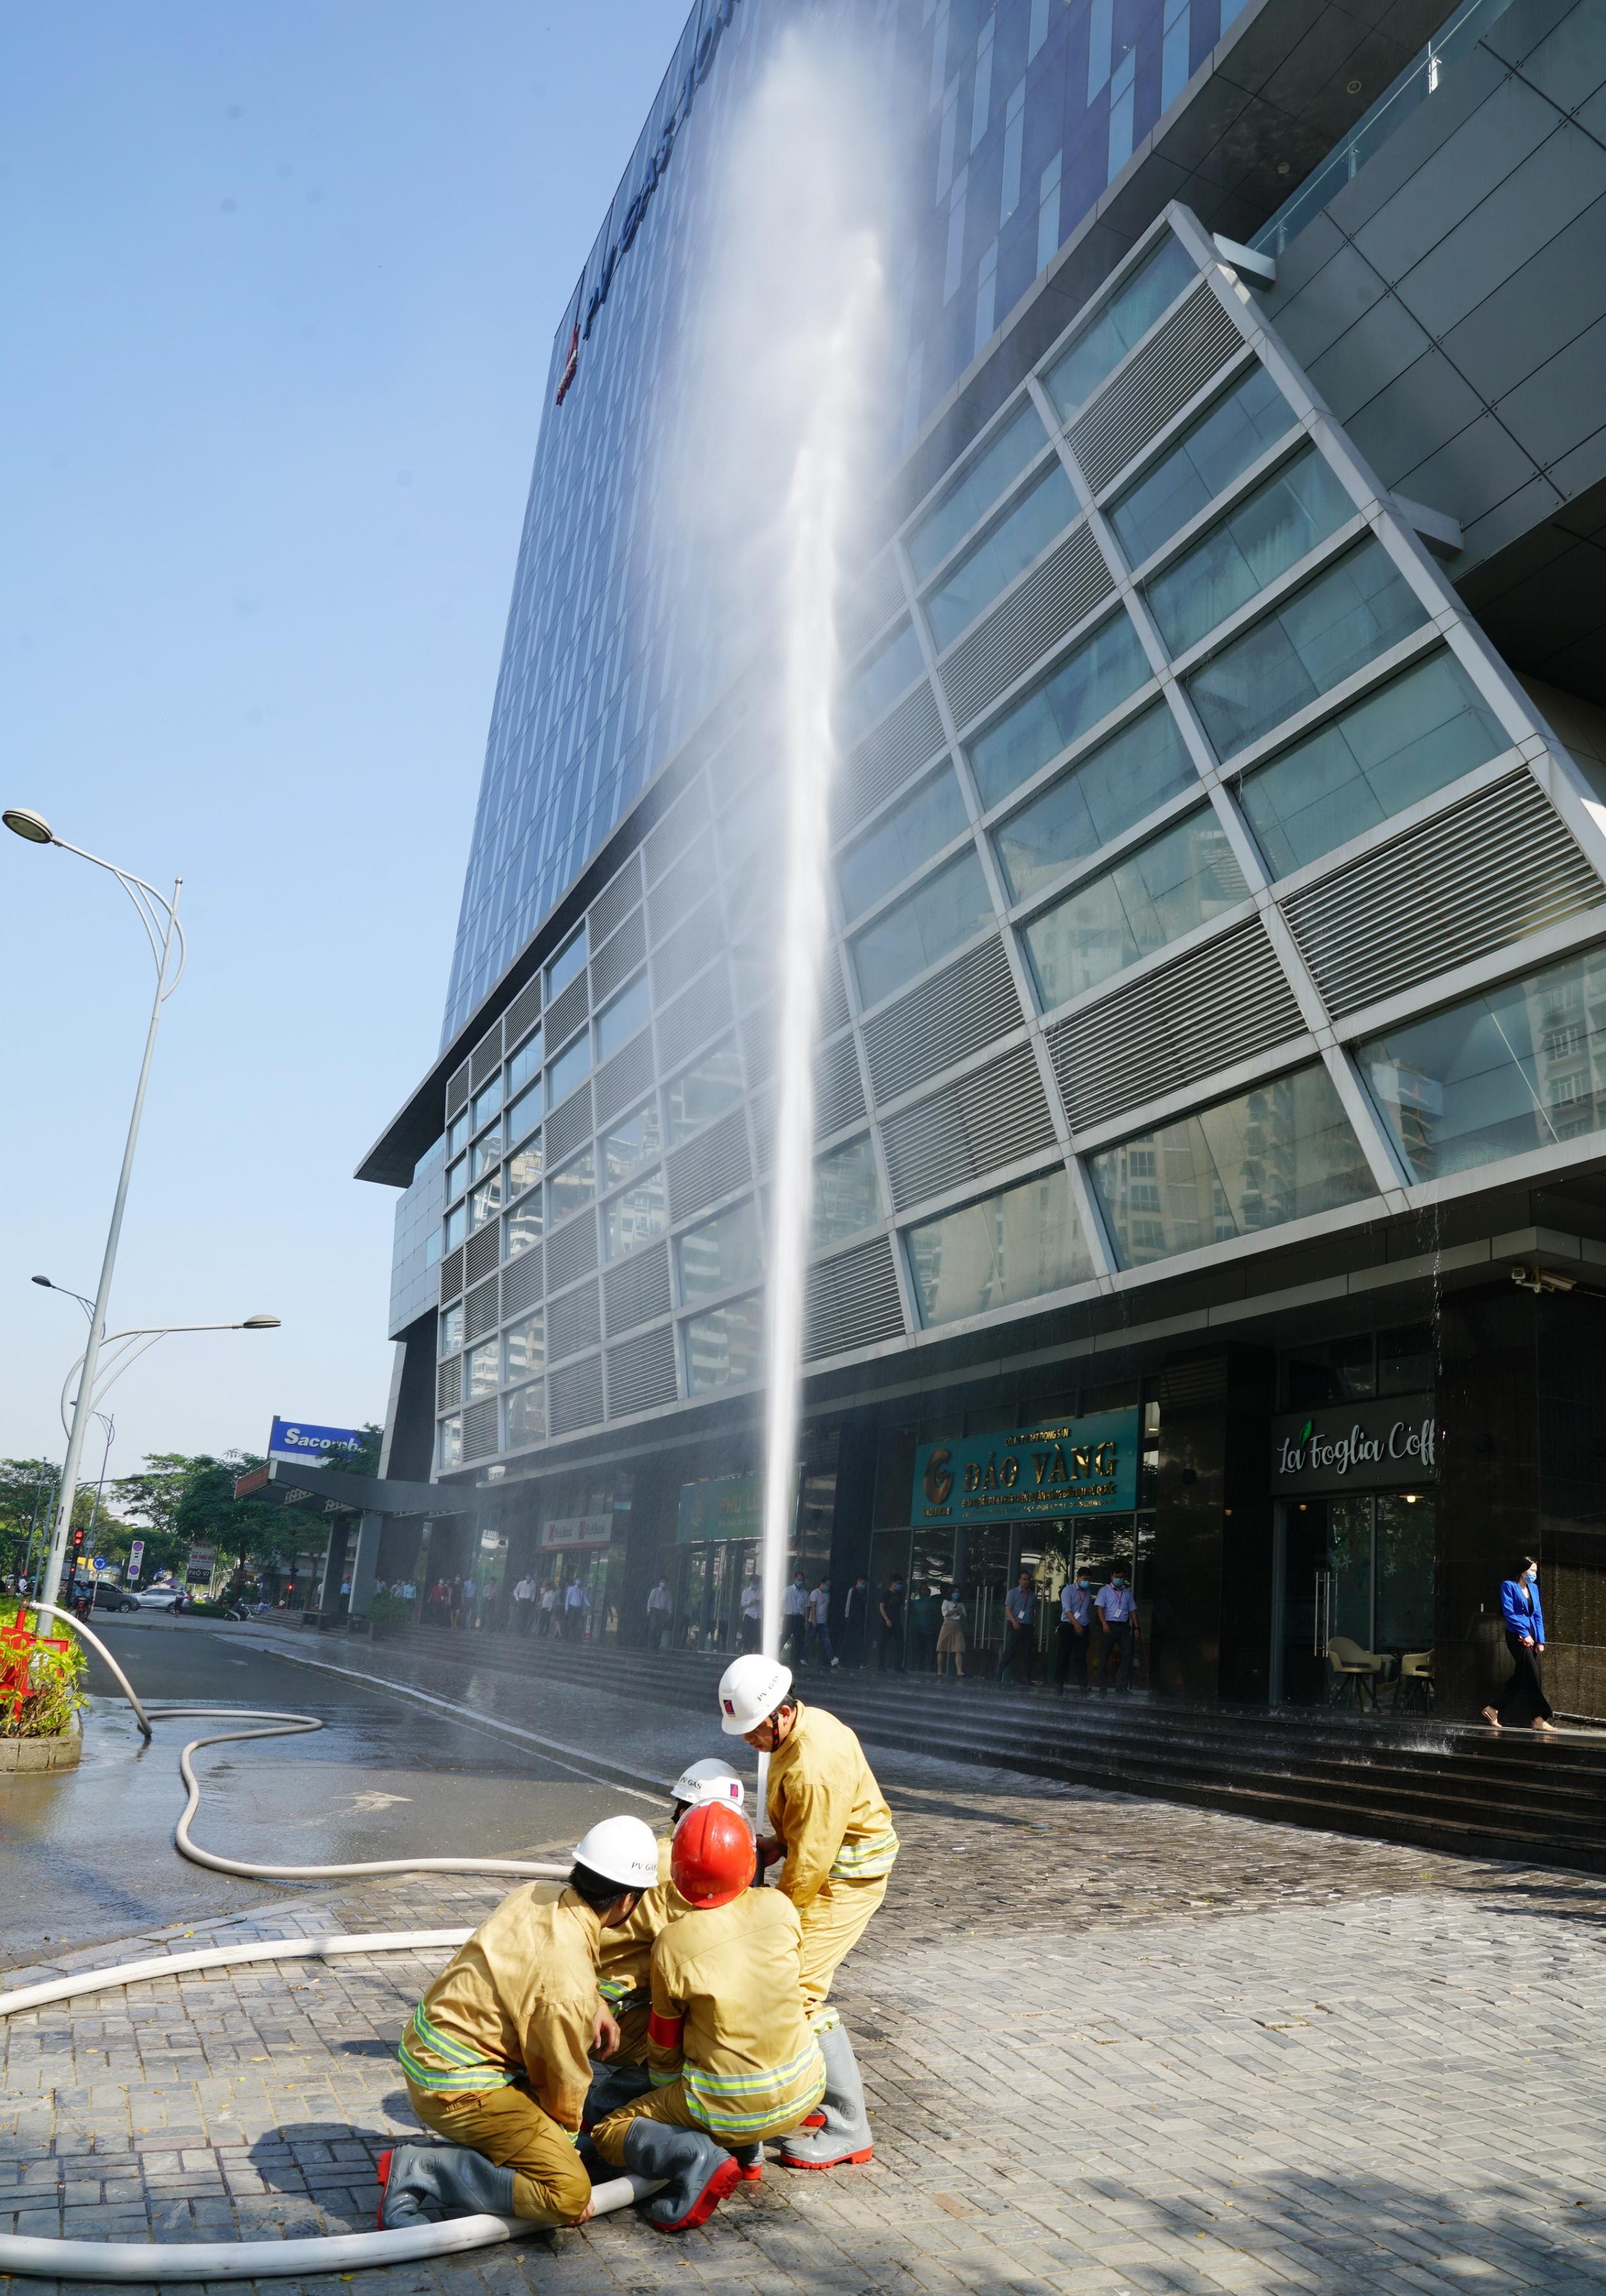 Lực lượng chữa cháy tại chỗ triển khai dập cháy bước đầu